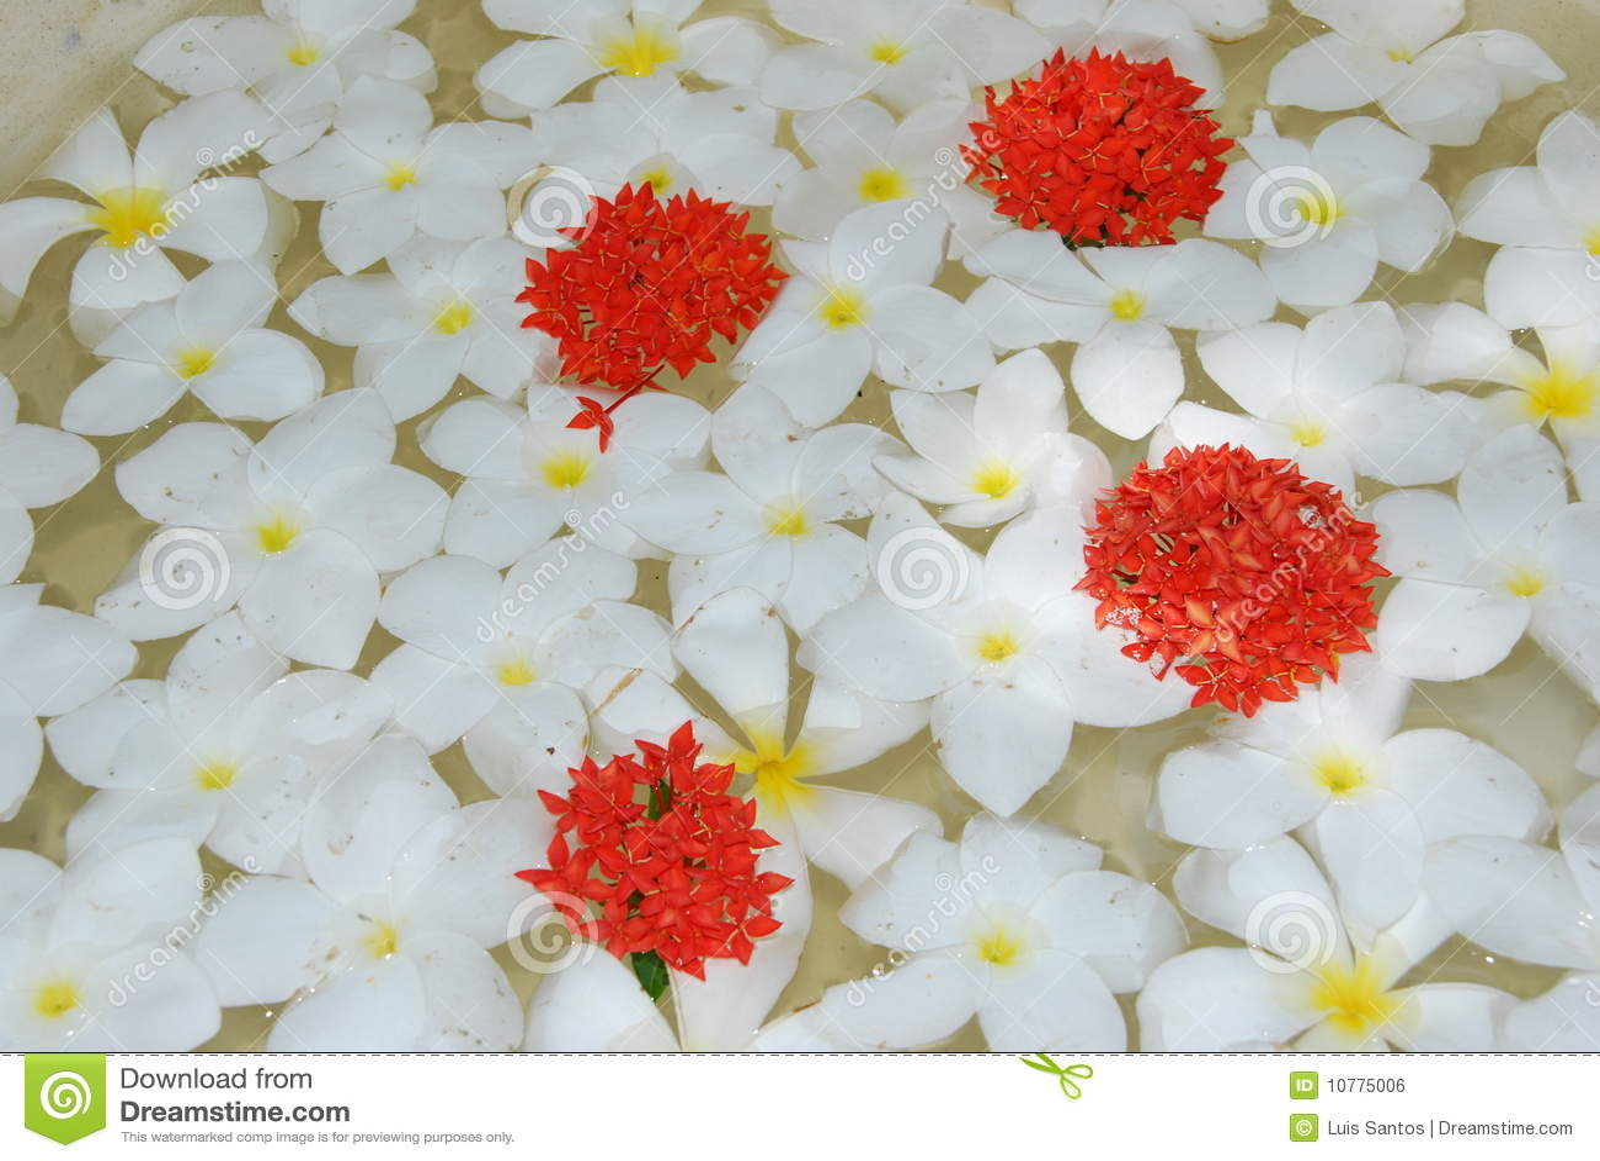 De witte tropische achtergrond van frangipanisbloemen